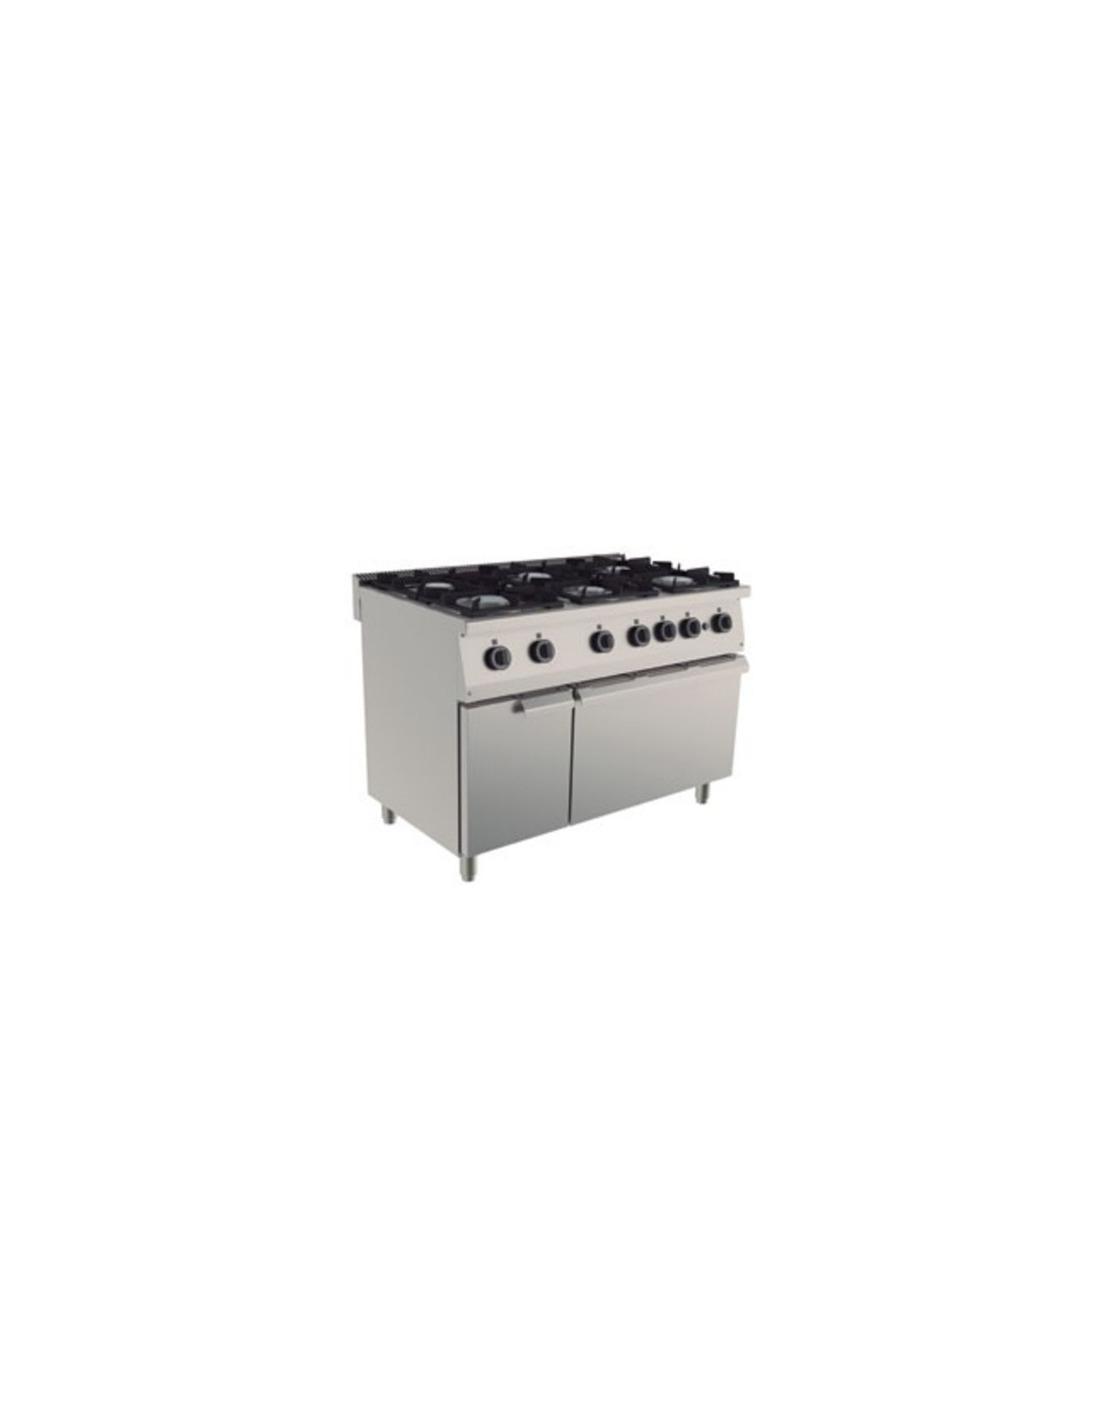 cocina industrial 6 fuegos